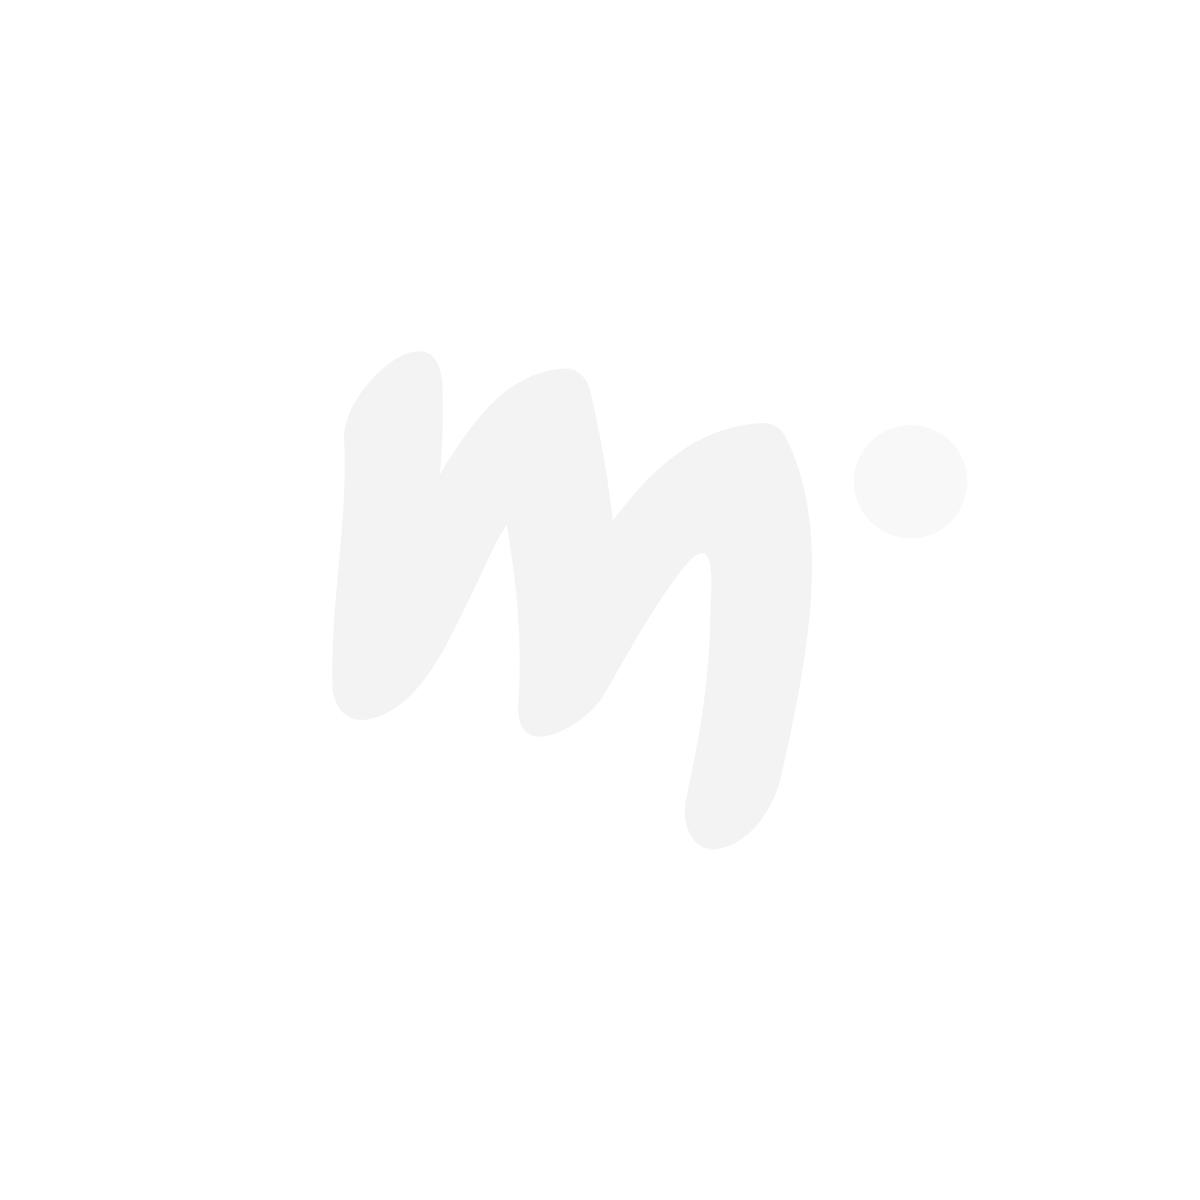 Koti Viuhka-muki vihreä